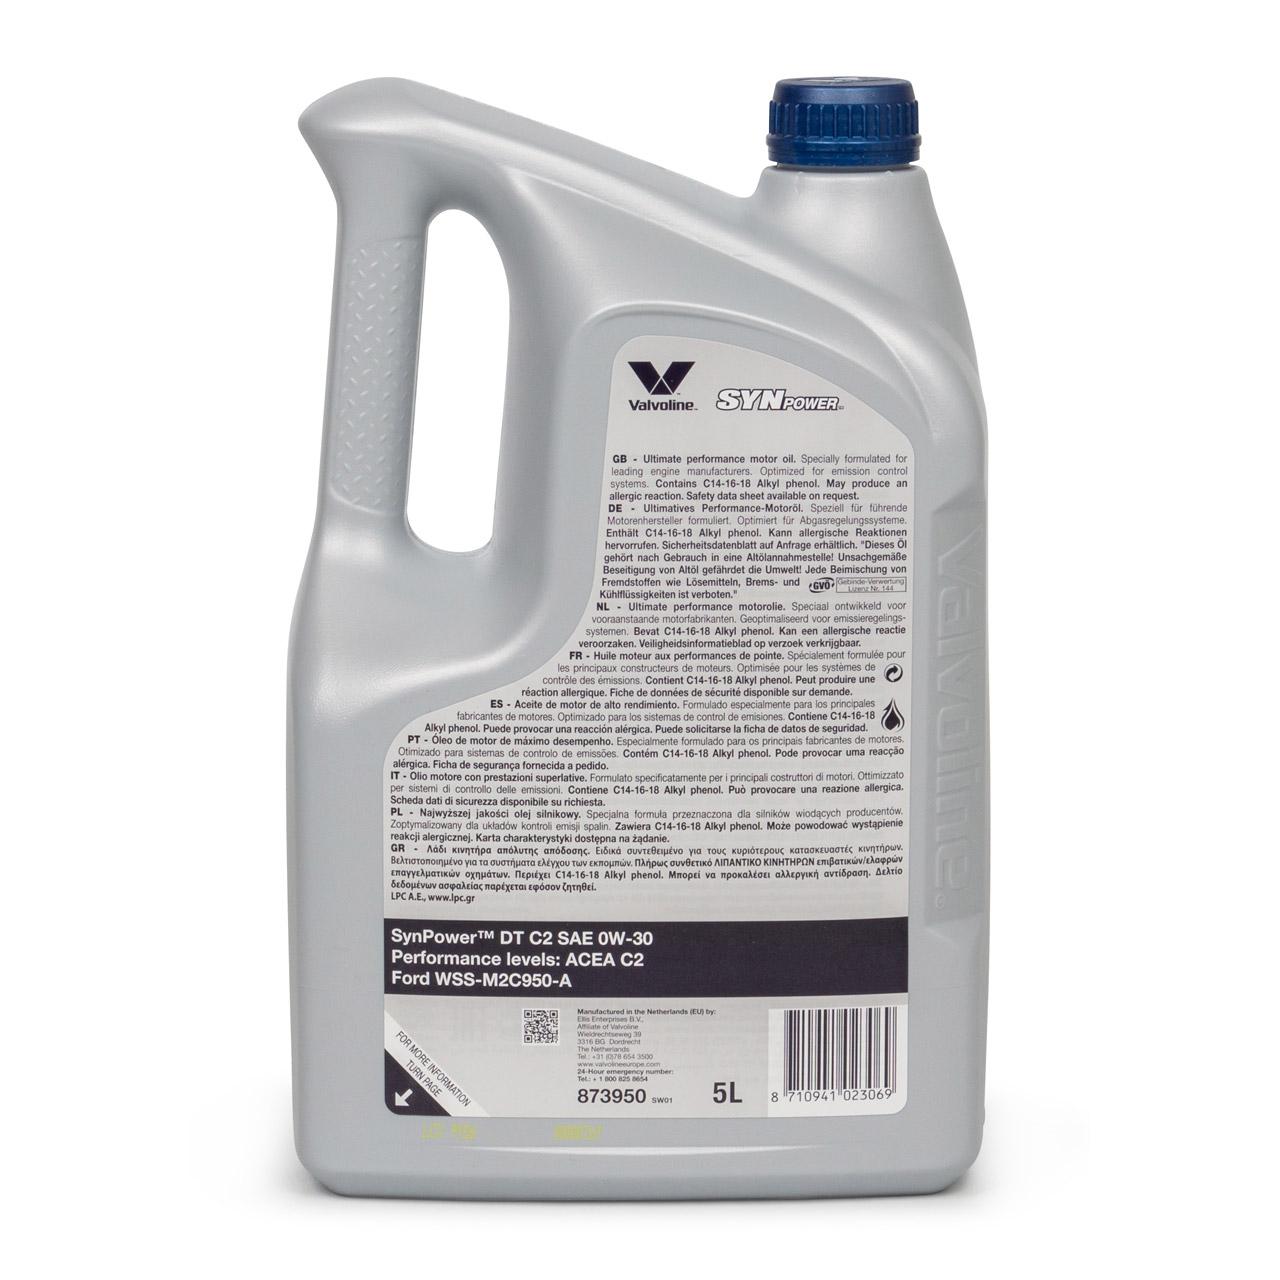 VALVOLINE Motoröl ÖL SYNPOWER DT C2 0W-30 für Ford WSS-M2C950-A - 5L 5 Liter